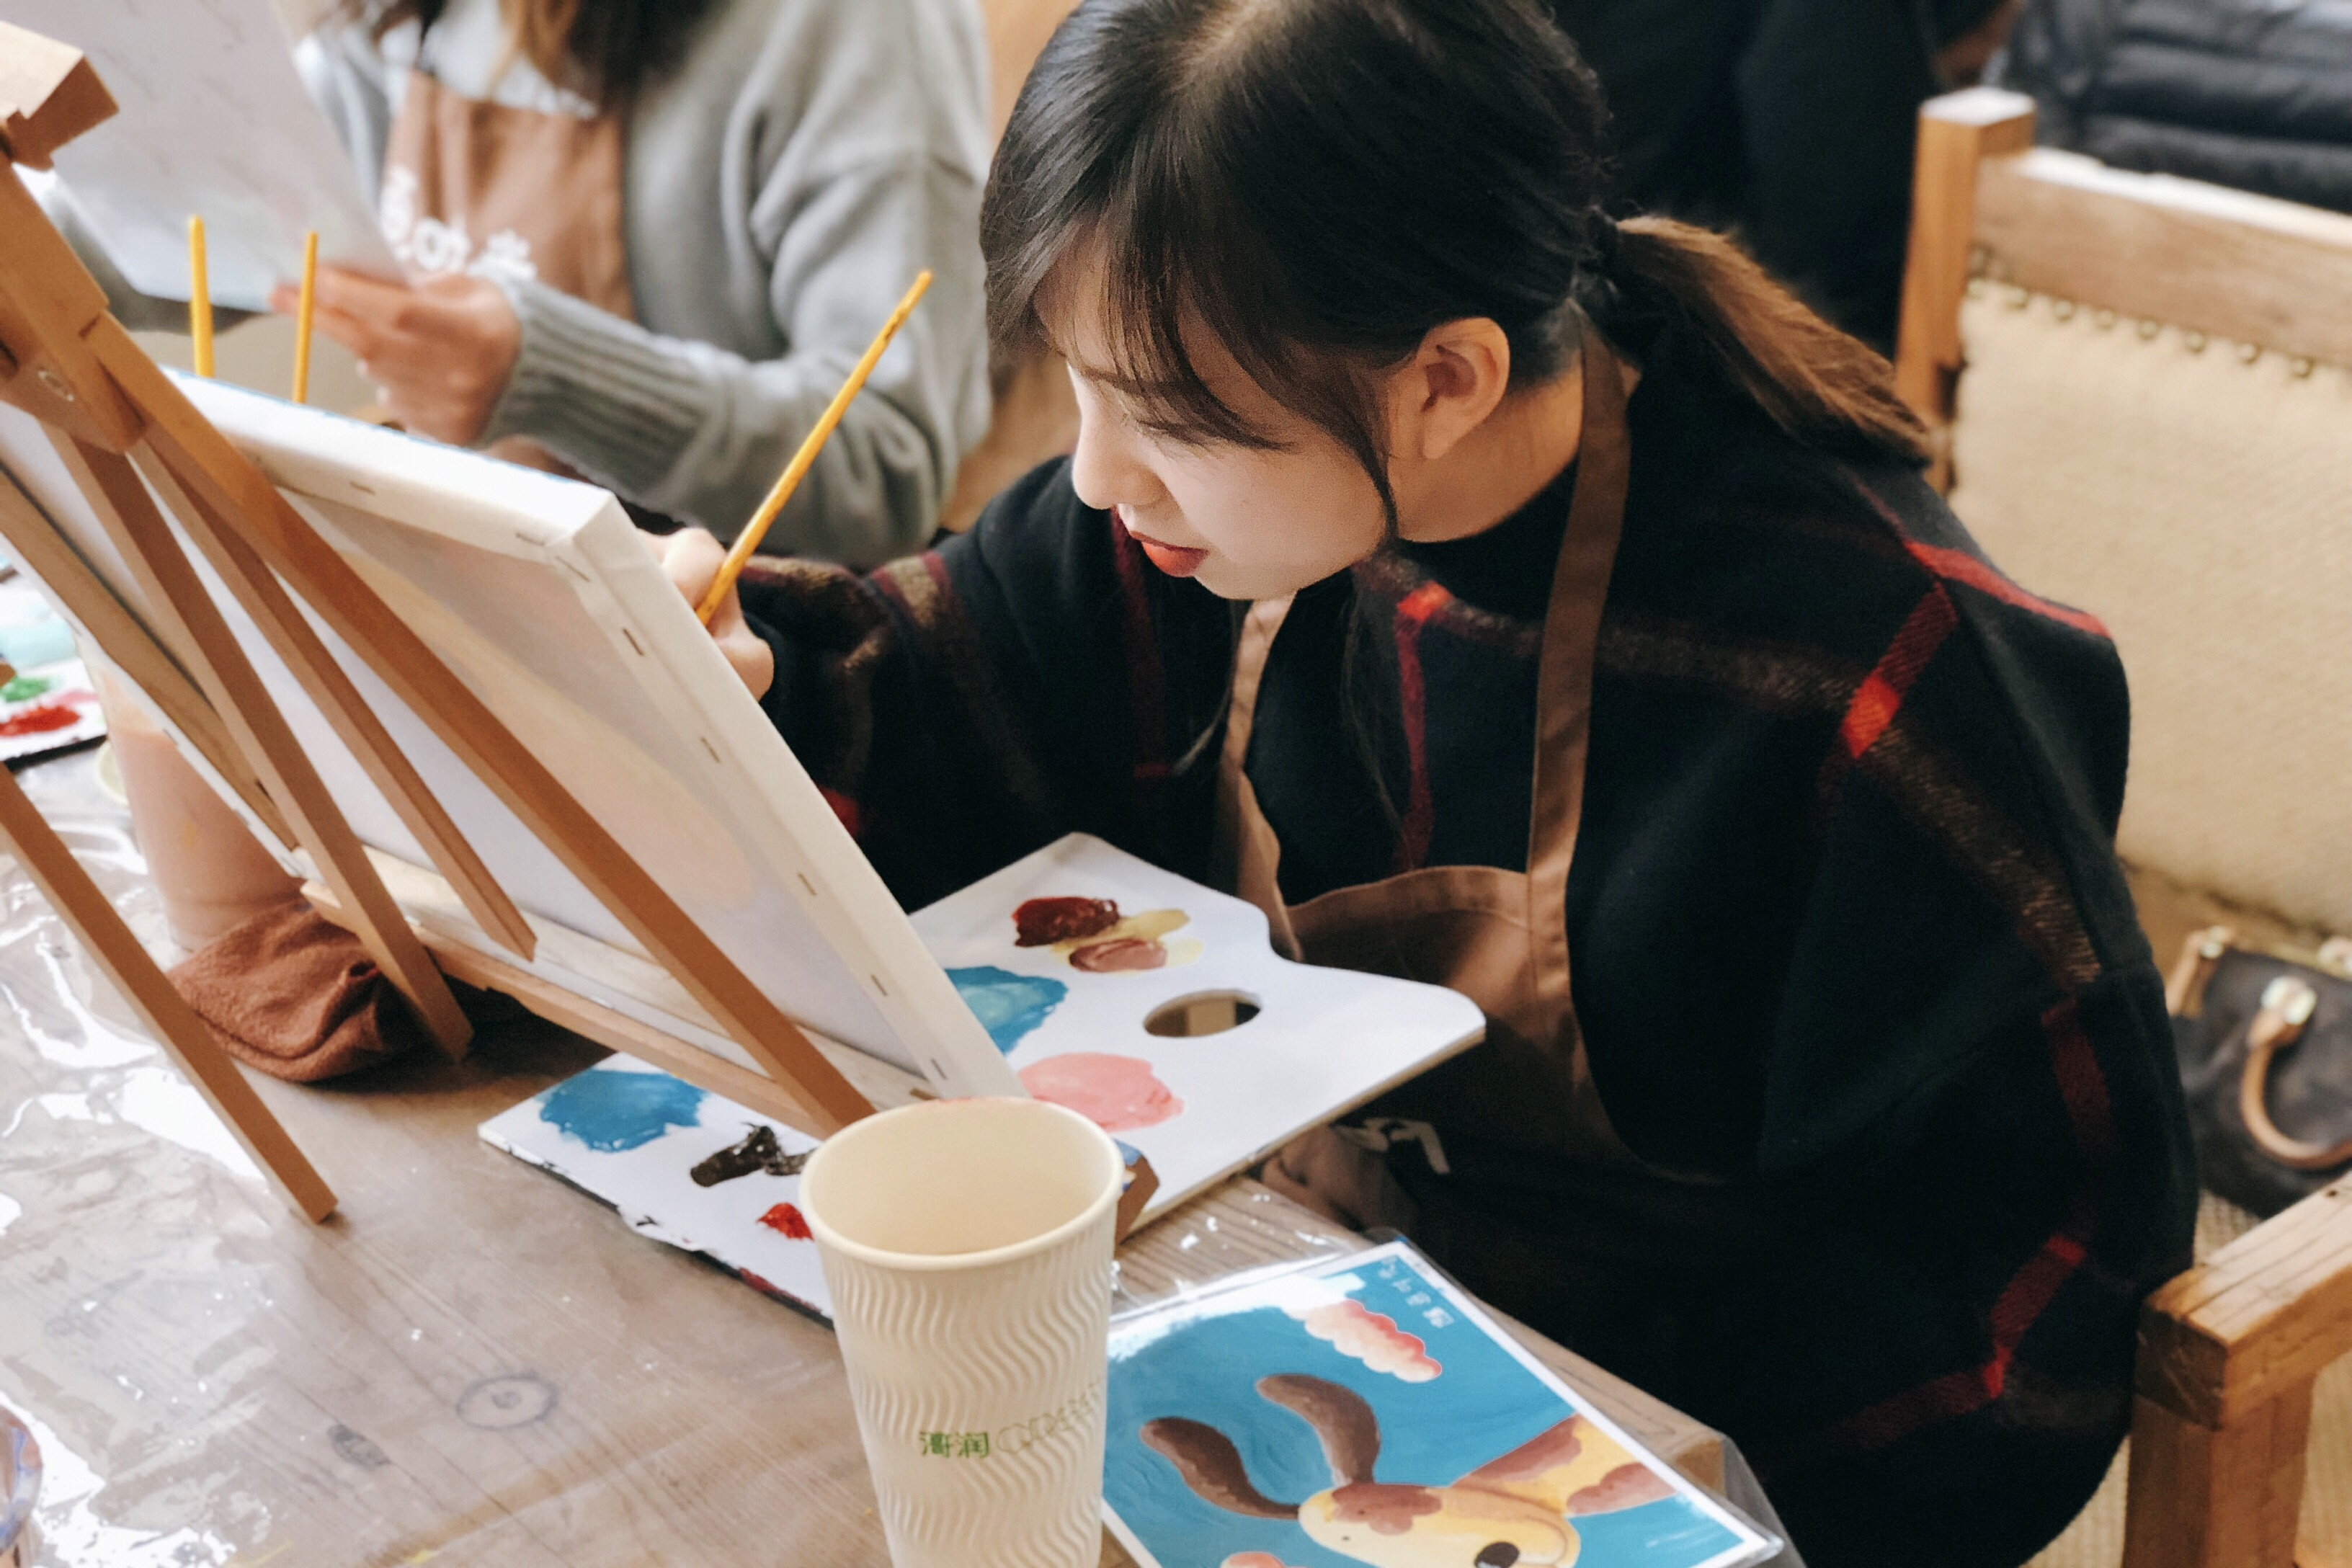 002_繪畫中的趙芷晴